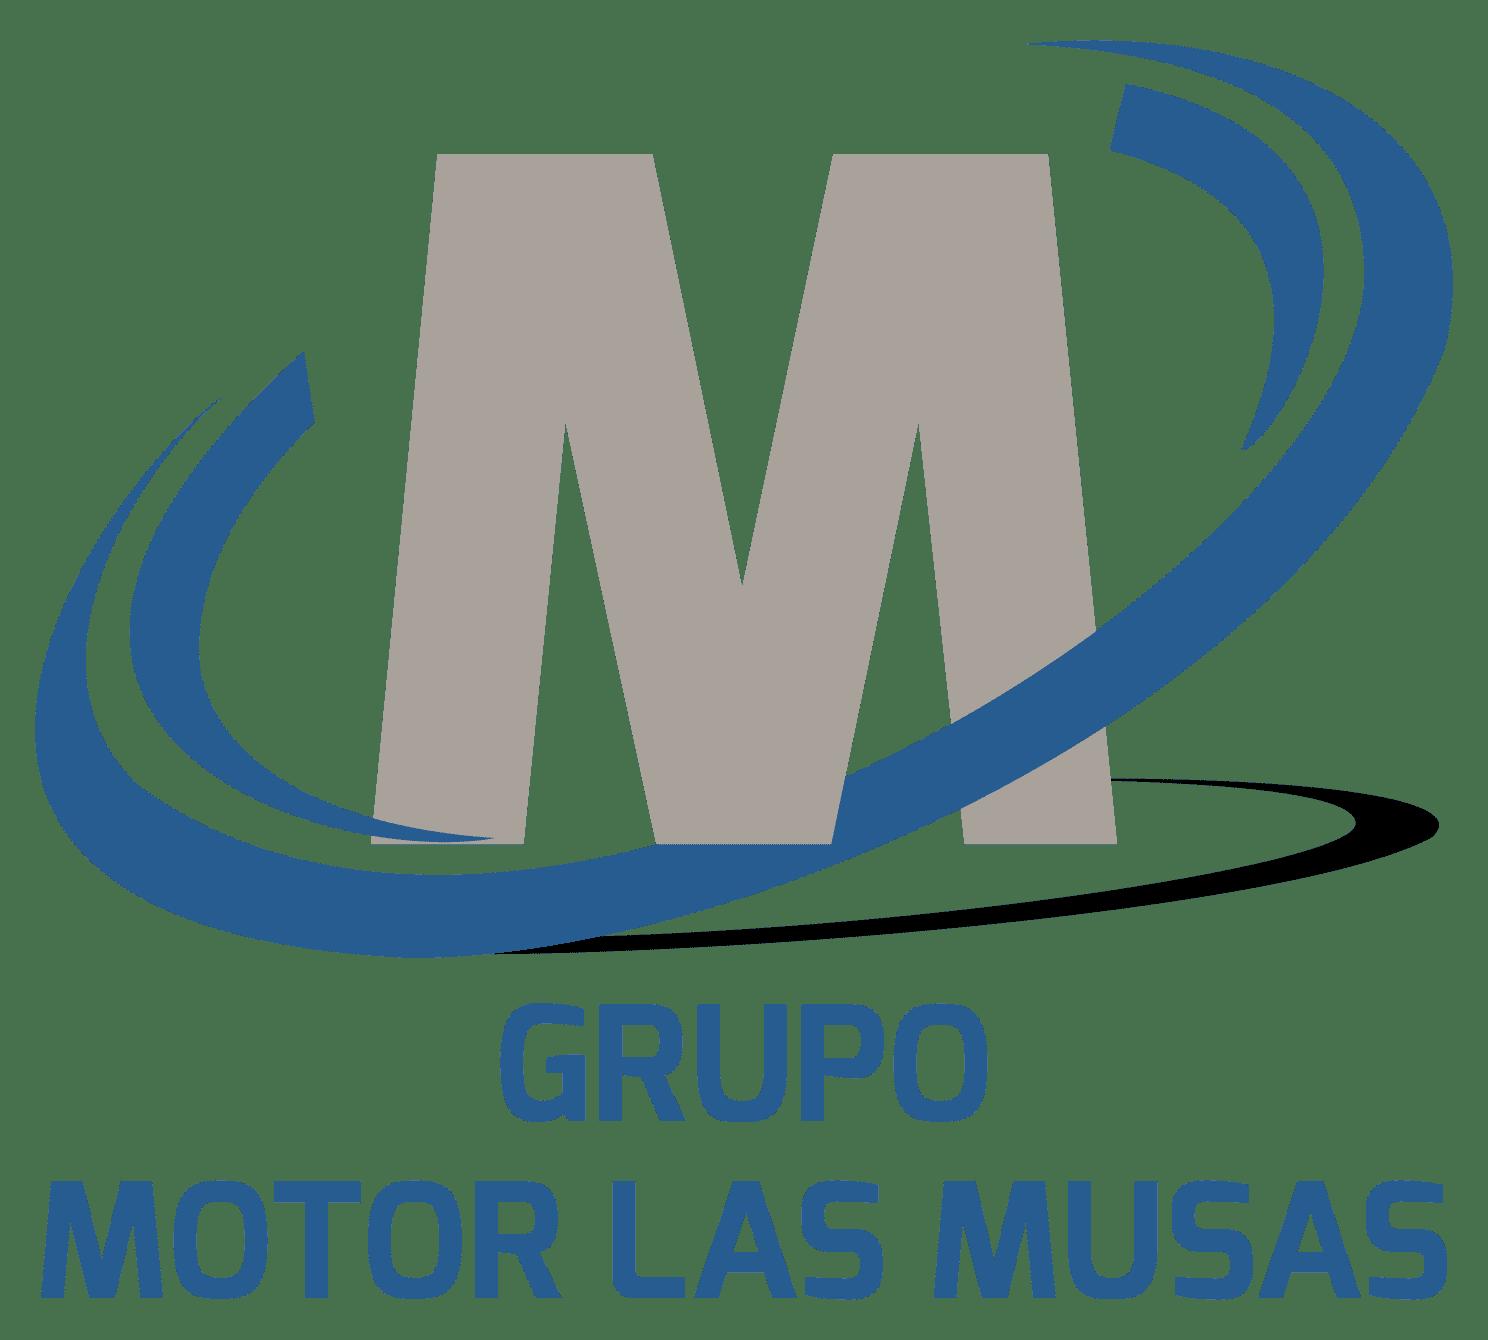 MOTOR LAS MUSAS, Servicio Oficial Seat y Opel en Madrid